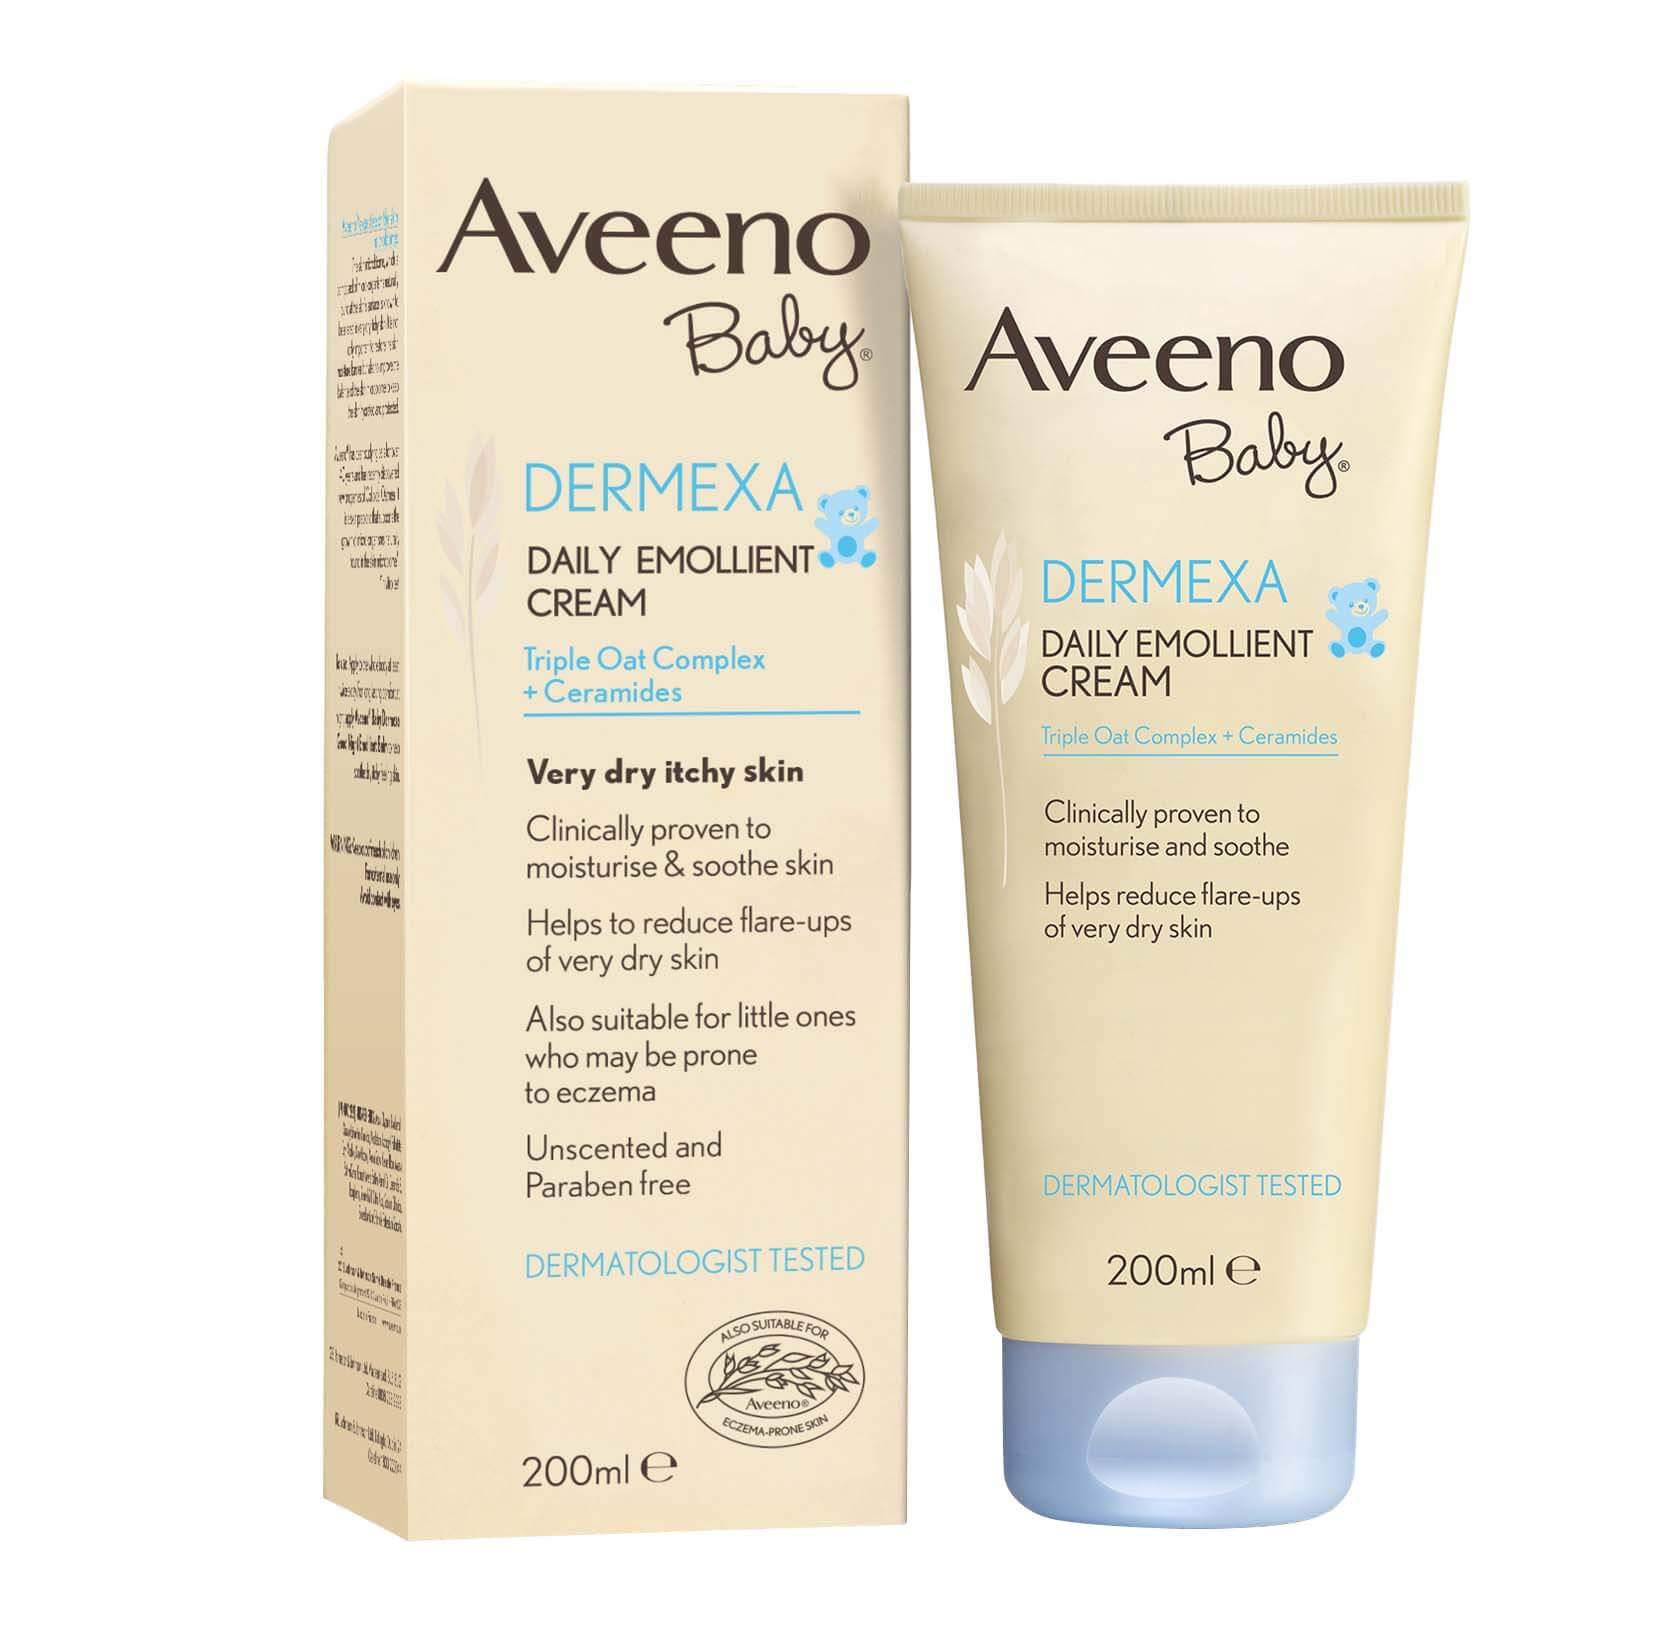 AVEENO Baby Dermexa Daily Emollient Cream